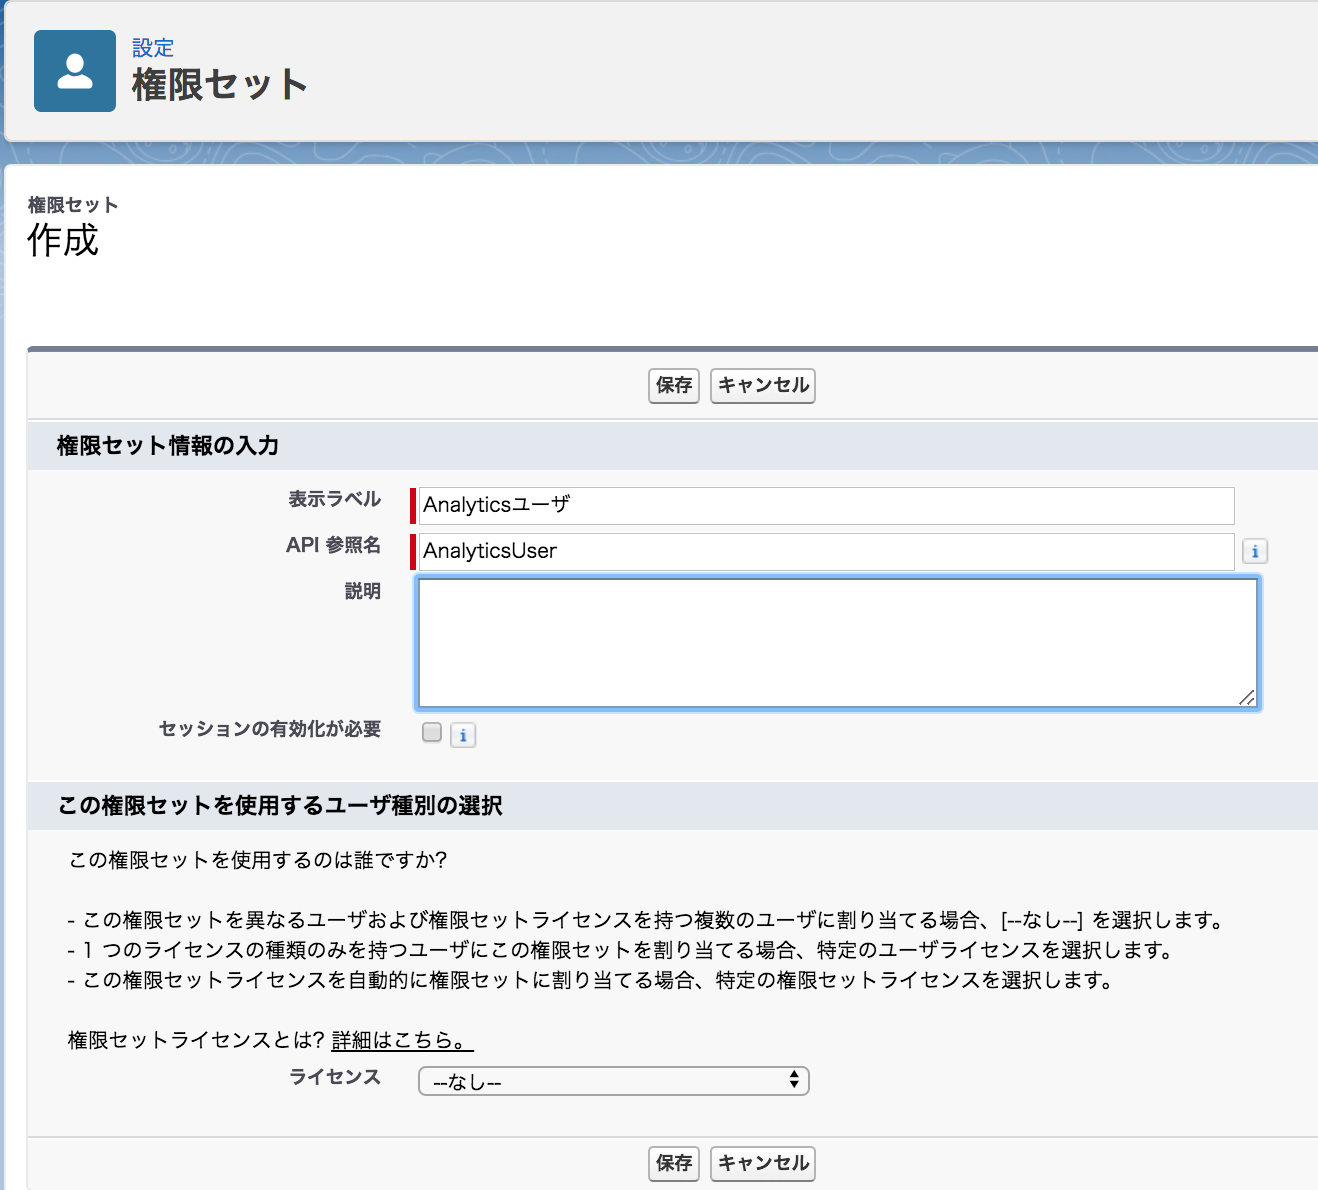 ユーザーへの B2B マーケティング分析アクセス権の付与